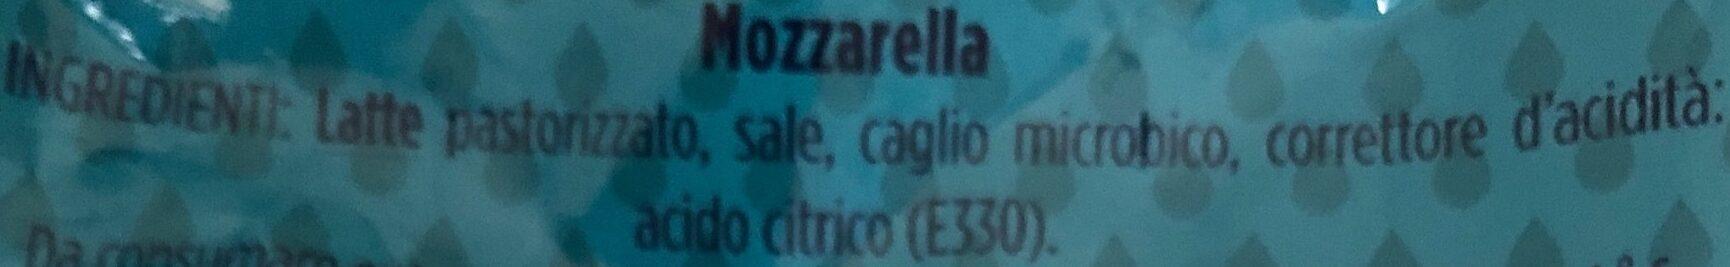 Mozzarella - Ingredienti - it